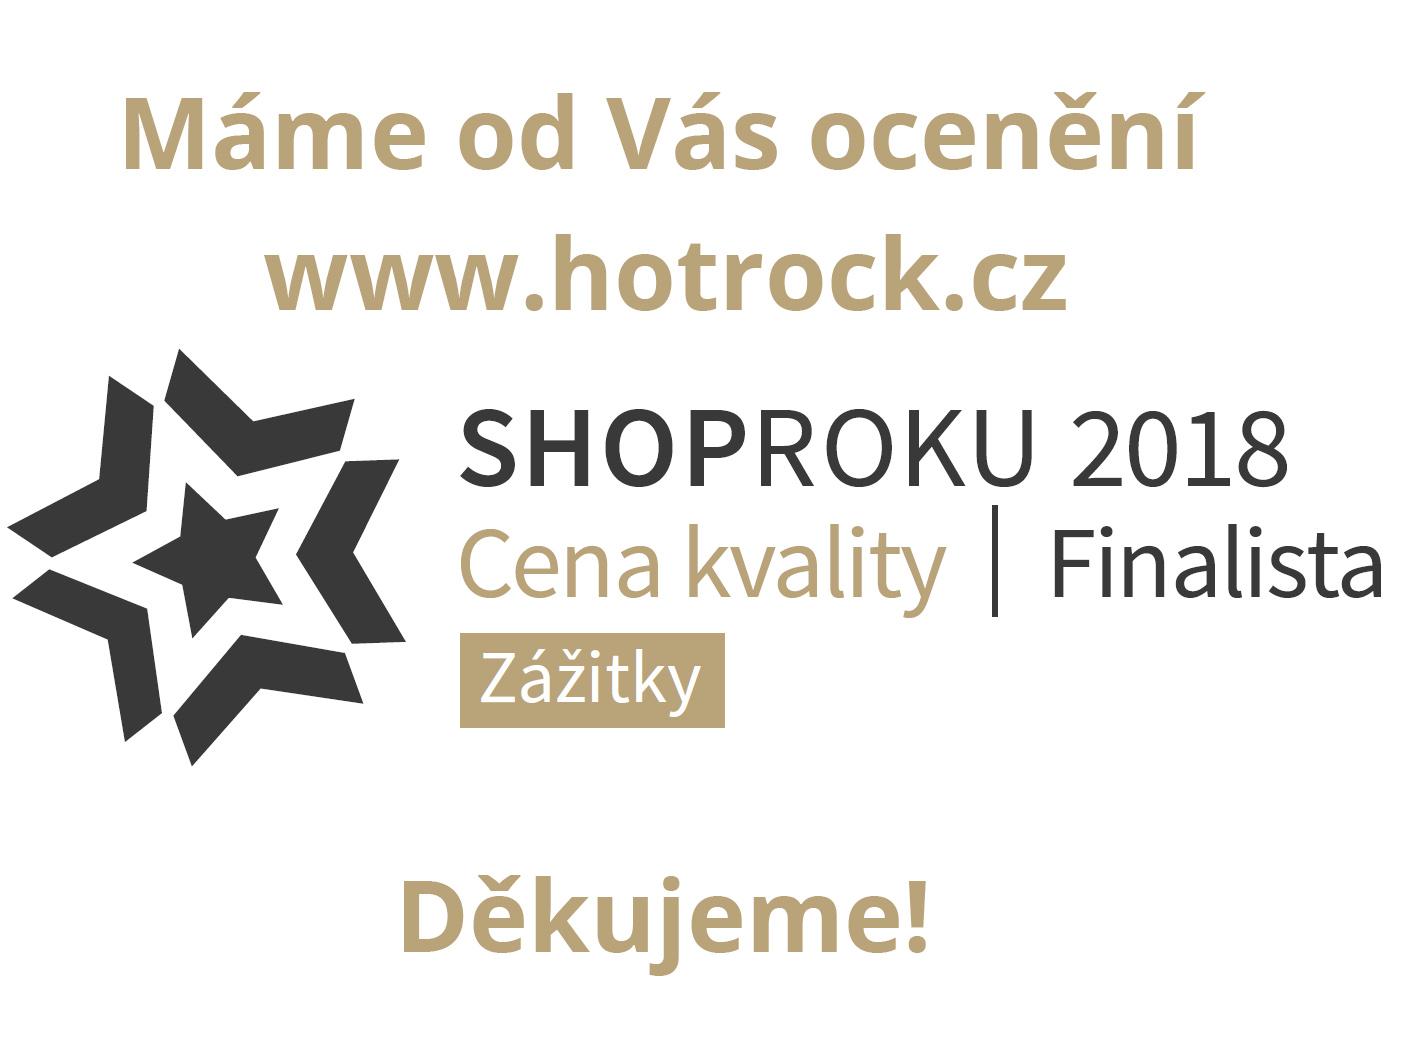 Hotrock.cz je finalistou ShopRoku 2018 v kategorii Zážitky